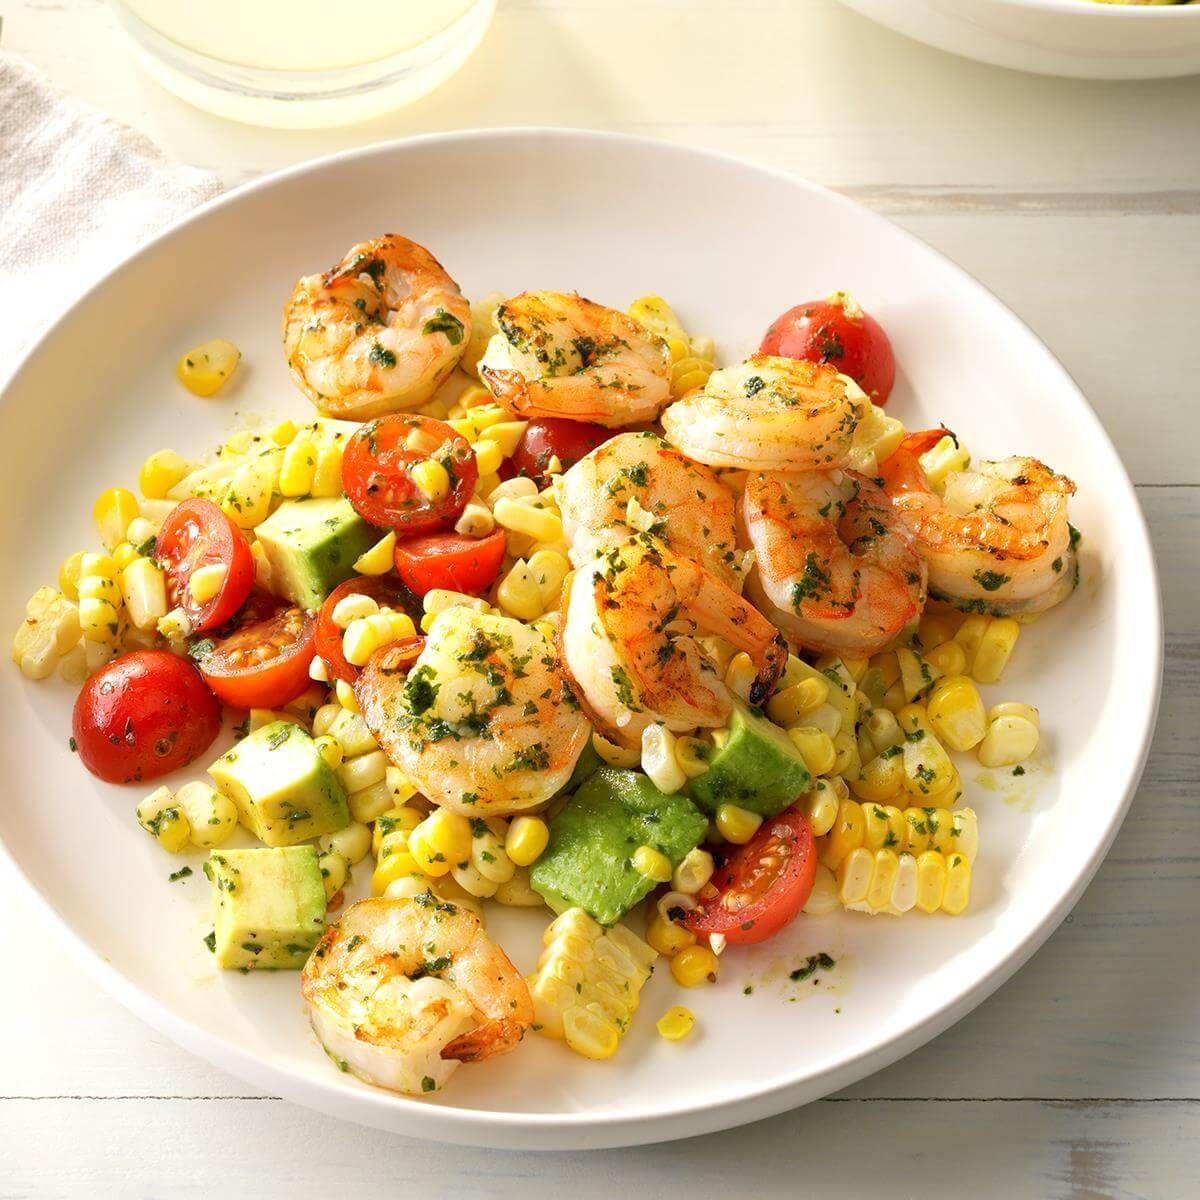 Самые Вкусные Диетические Блюда Для Похудения. Диетические блюда для похудения. Рецепты блюд с низкой калорийностью продуктов